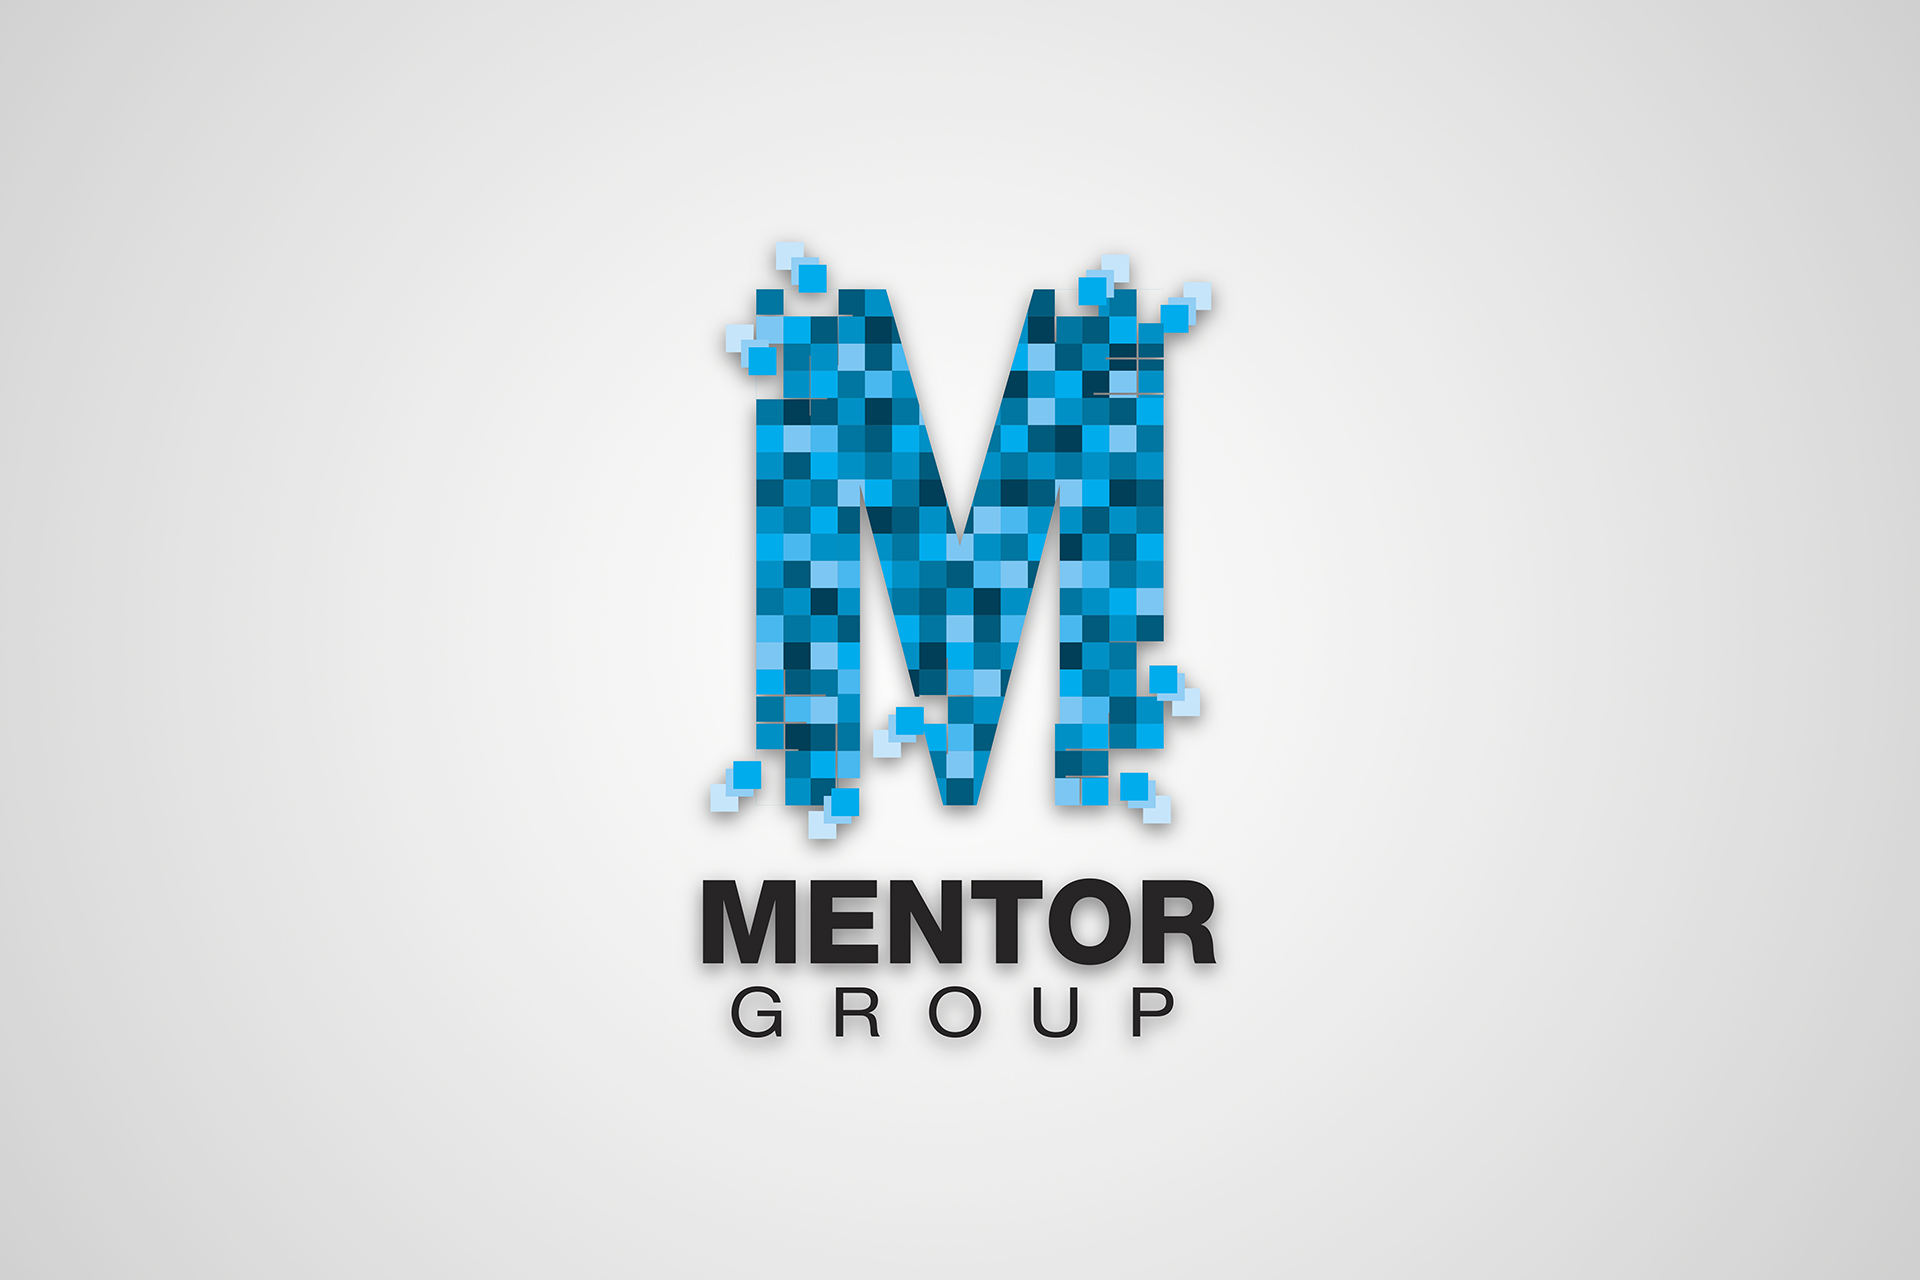 onafez design mentor group logo